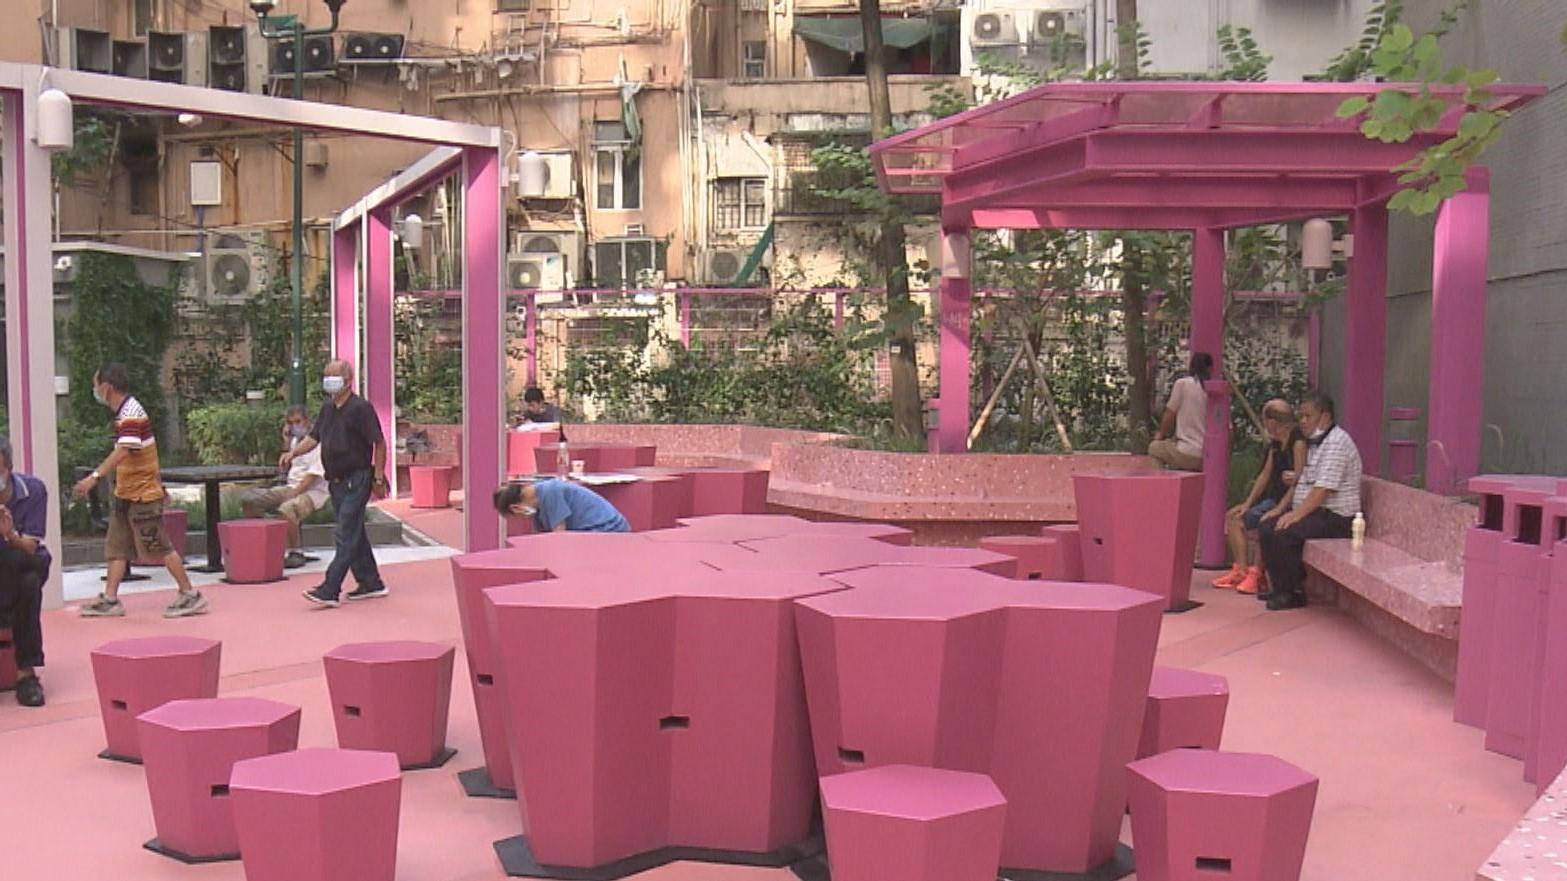 砵蘭街桃紅色花園引熱議 設計師︰喚起關注是好事